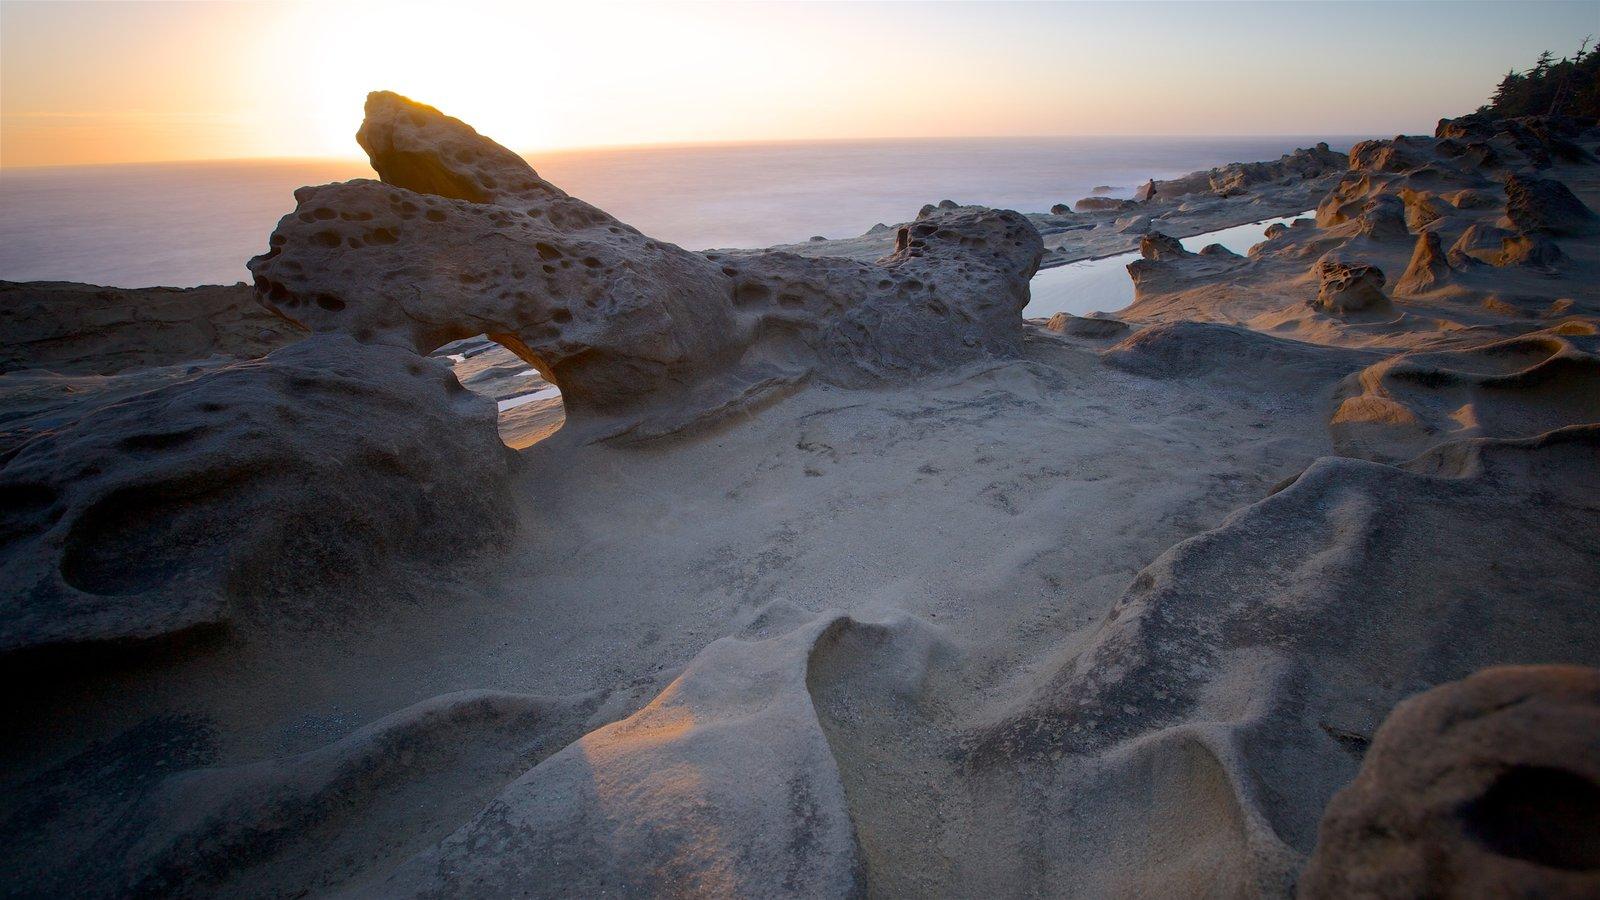 Parque estatal Shore Acres que incluye costa escarpada y una puesta de sol